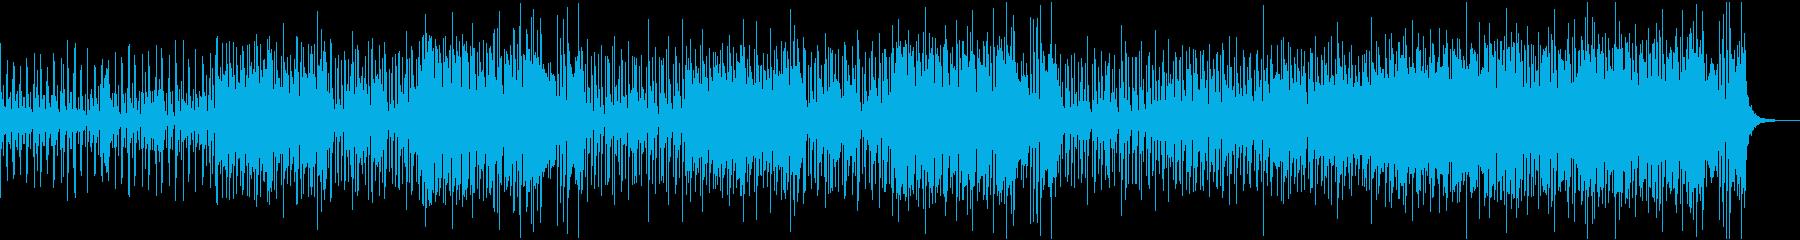 かっこよくて軽快なビッグバンドジャズの再生済みの波形